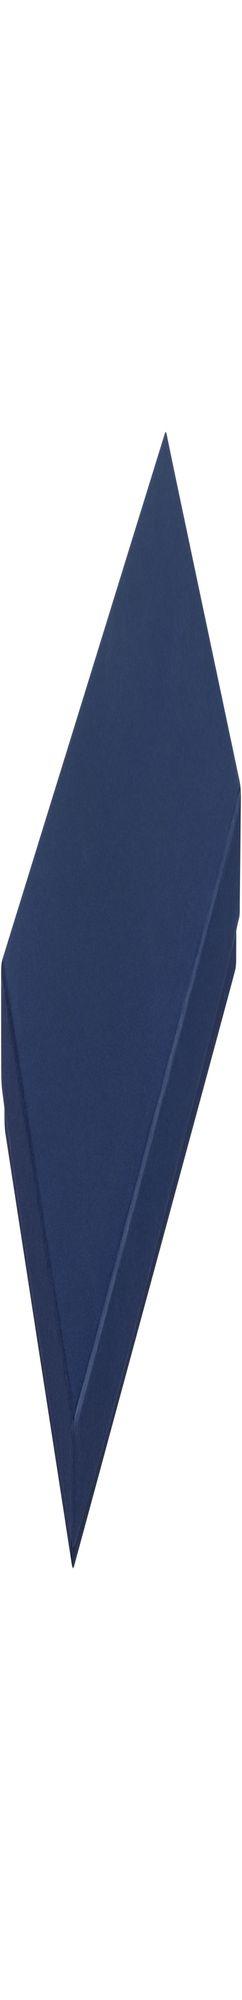 Коробка Simplex, синяя фото